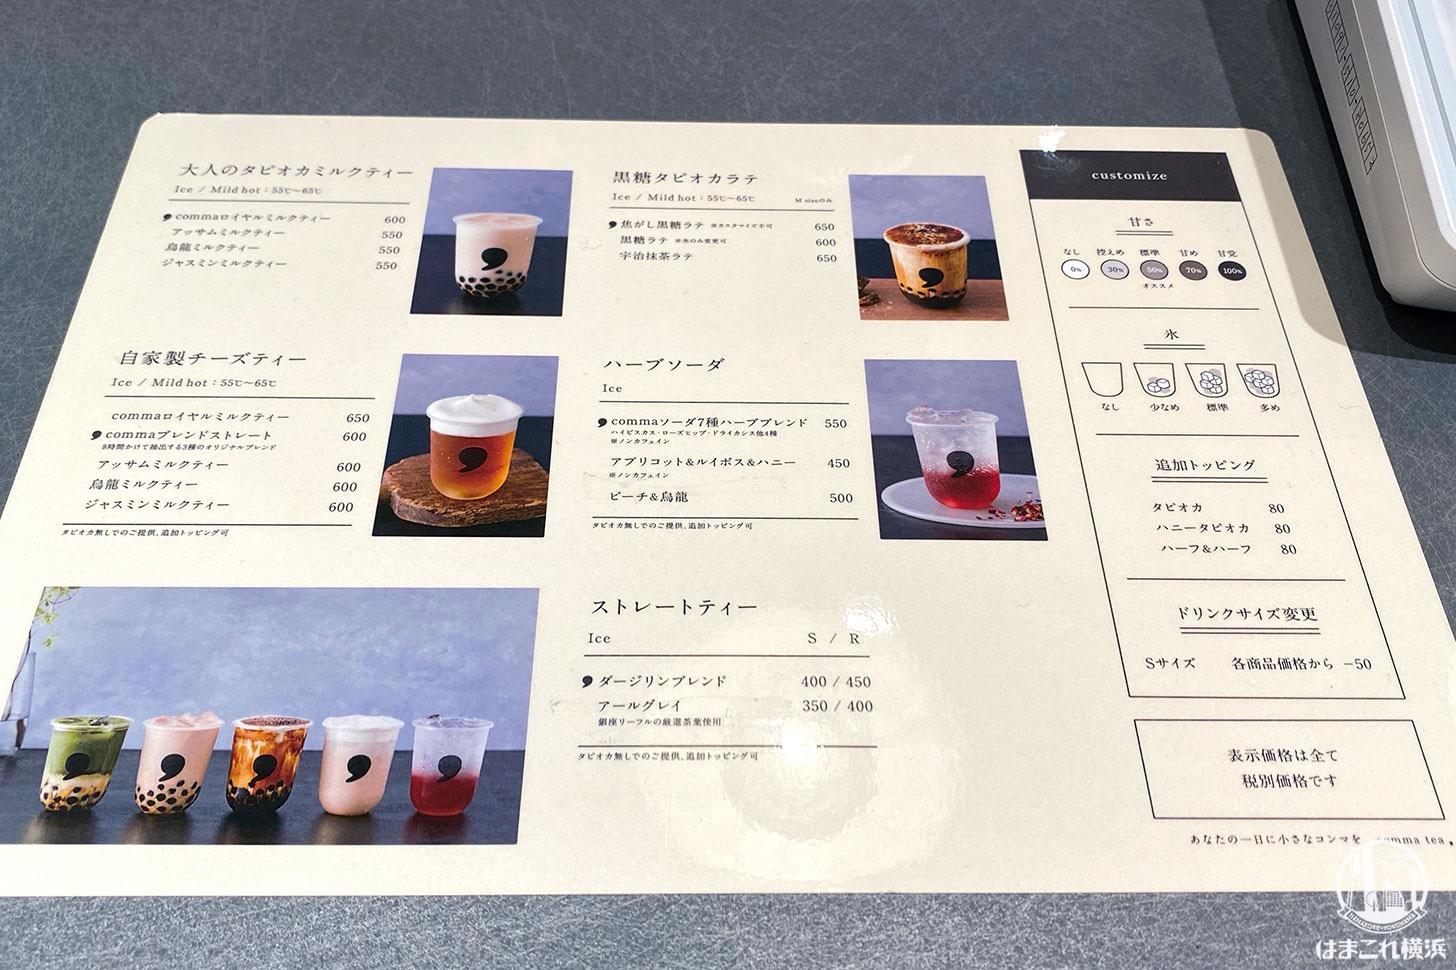 コンマティー 横浜ジョイナス店 メニュー